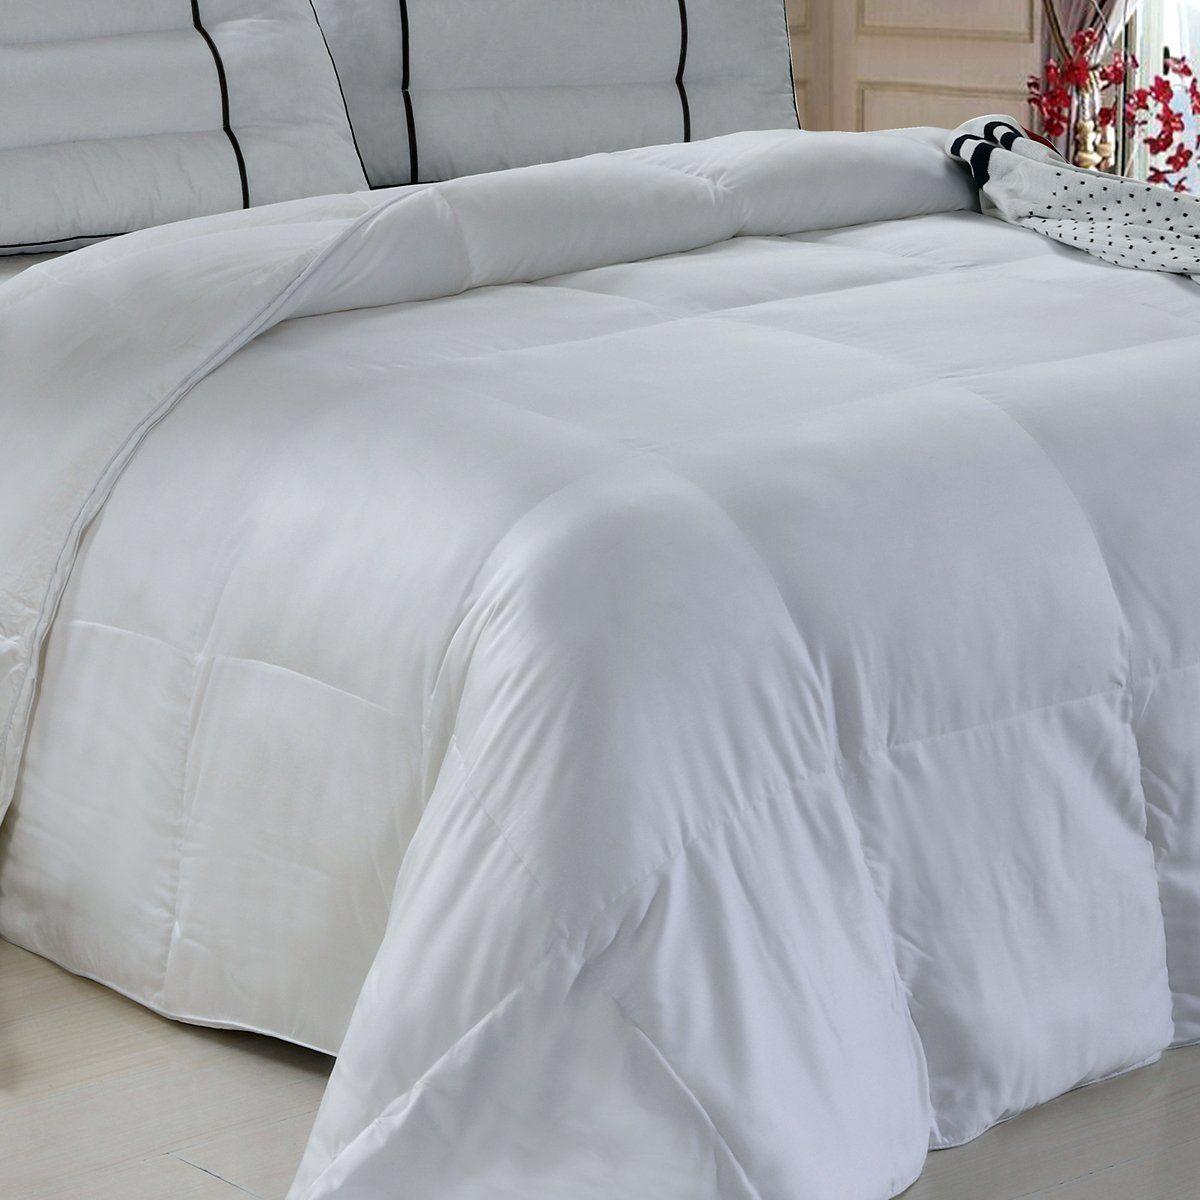 Troster Verkauf Gute Bettdecken Daunenbetten Taupe Troster Beste